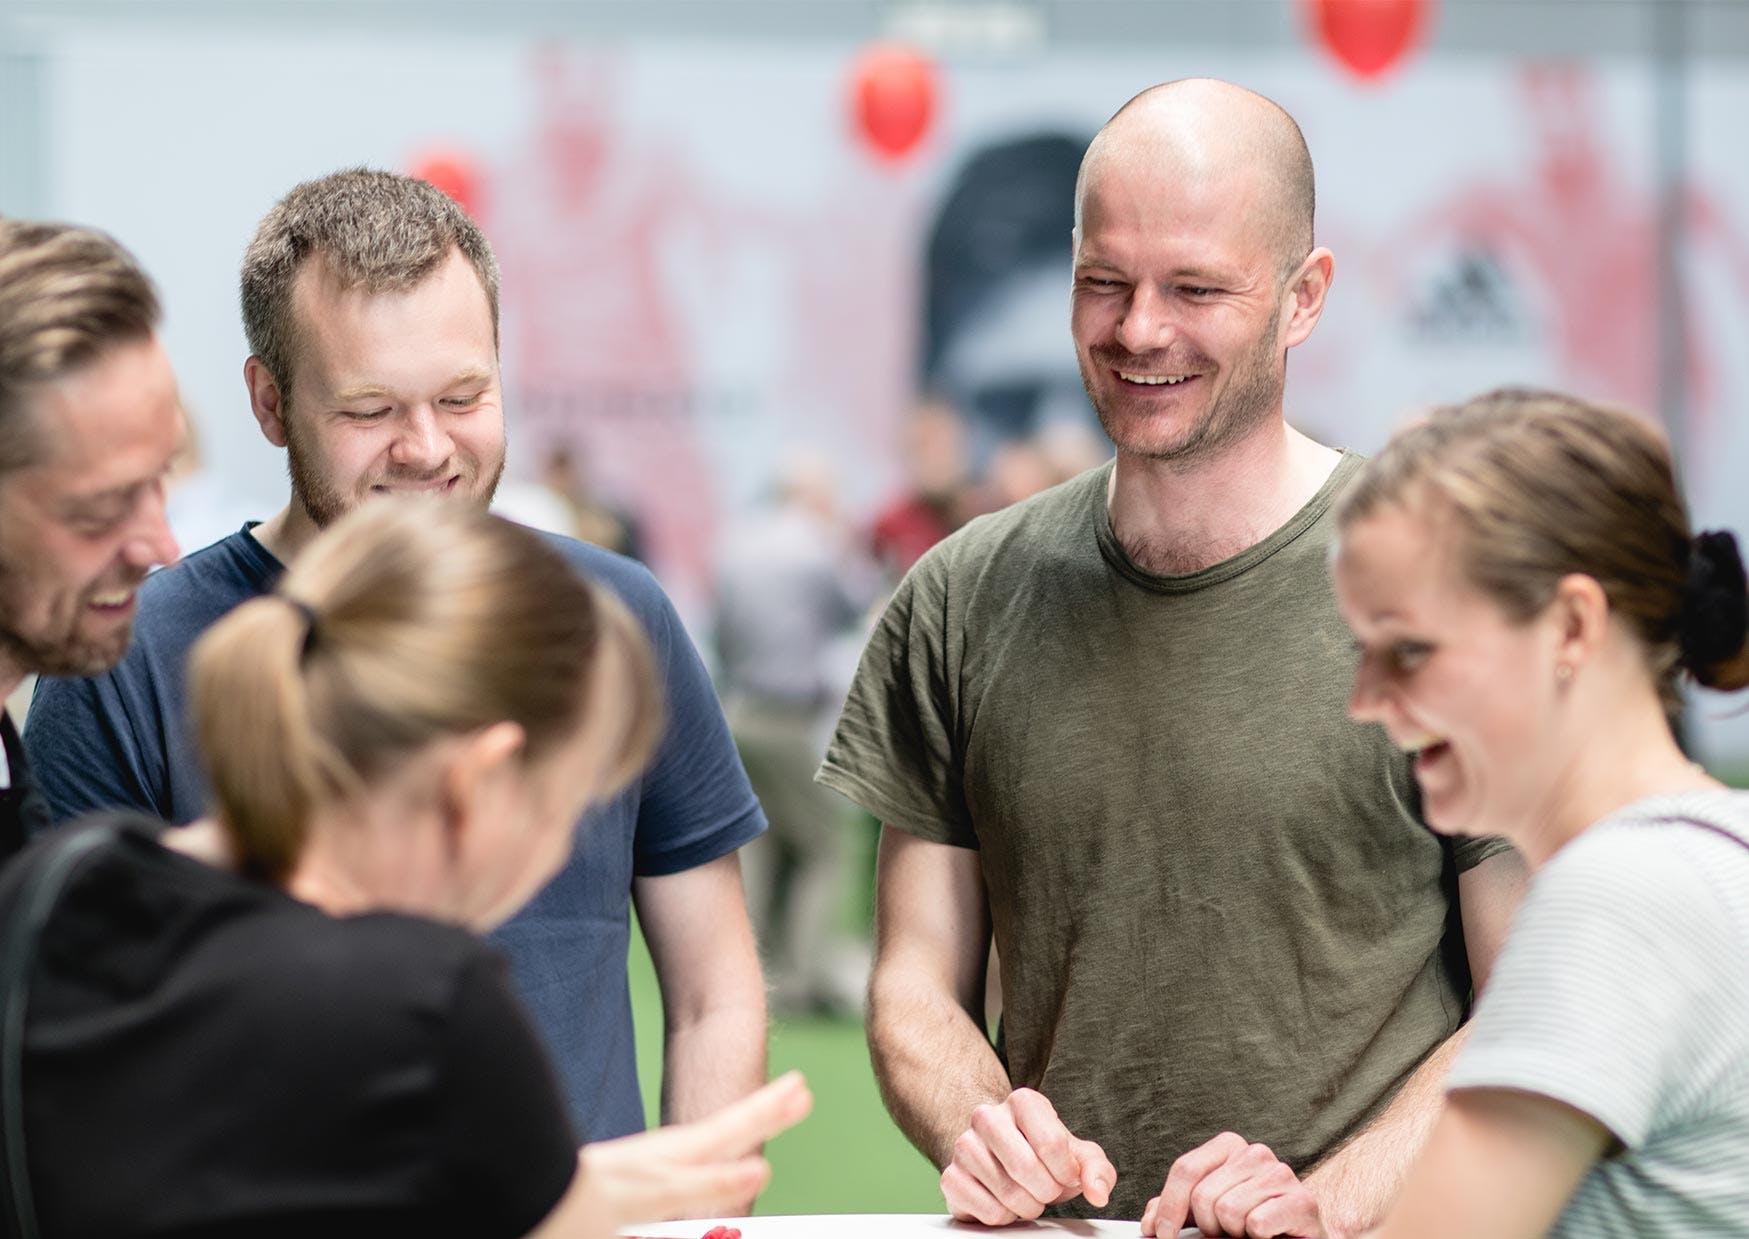 Fem medarbejdere samlet rundt om et bord til et firmaarrangement i København